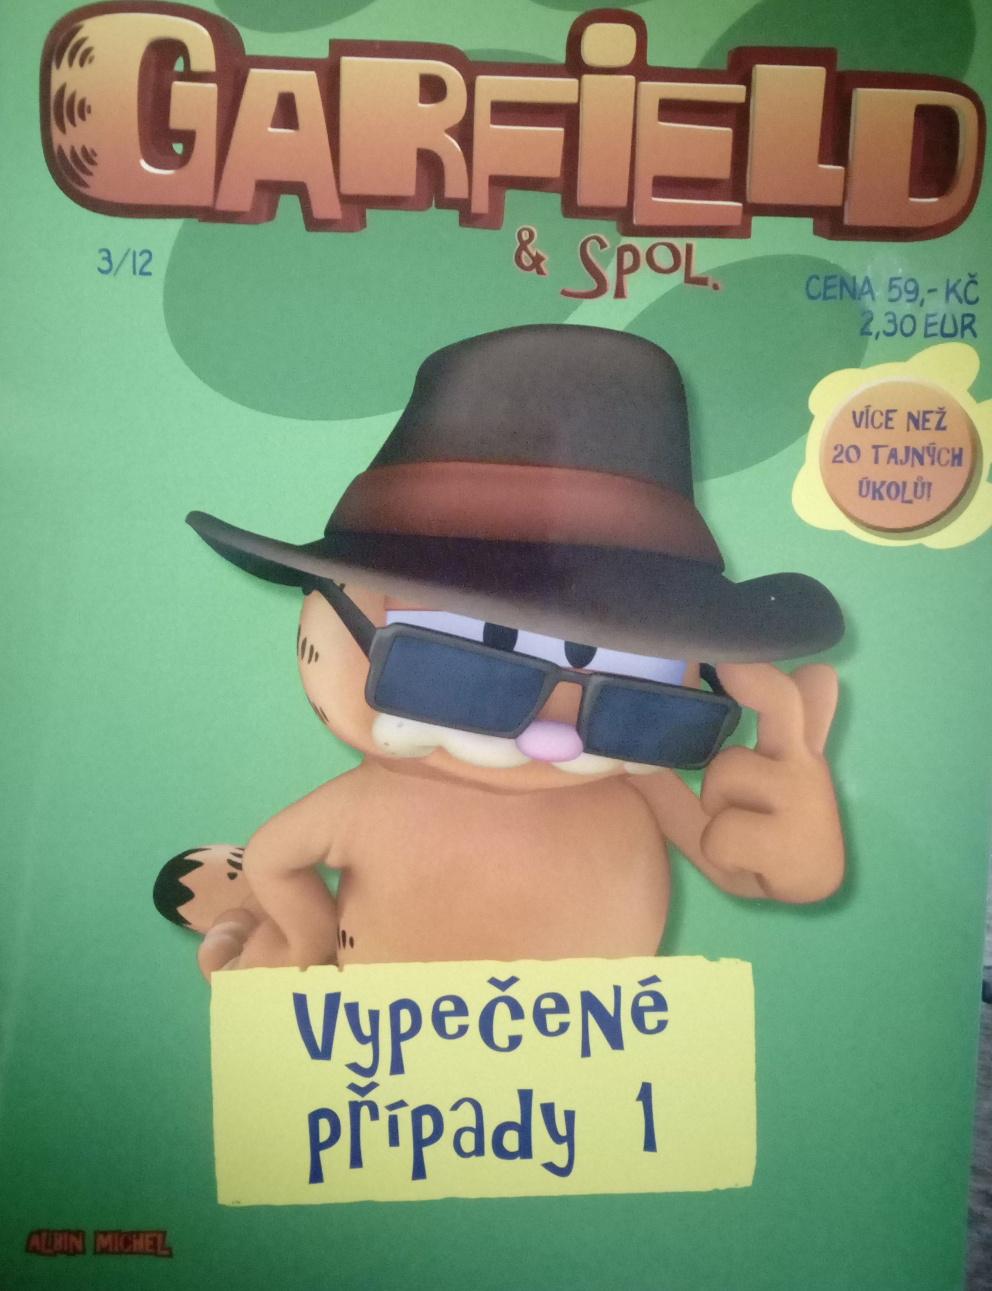 Garfield a spol. vypečené případy 2